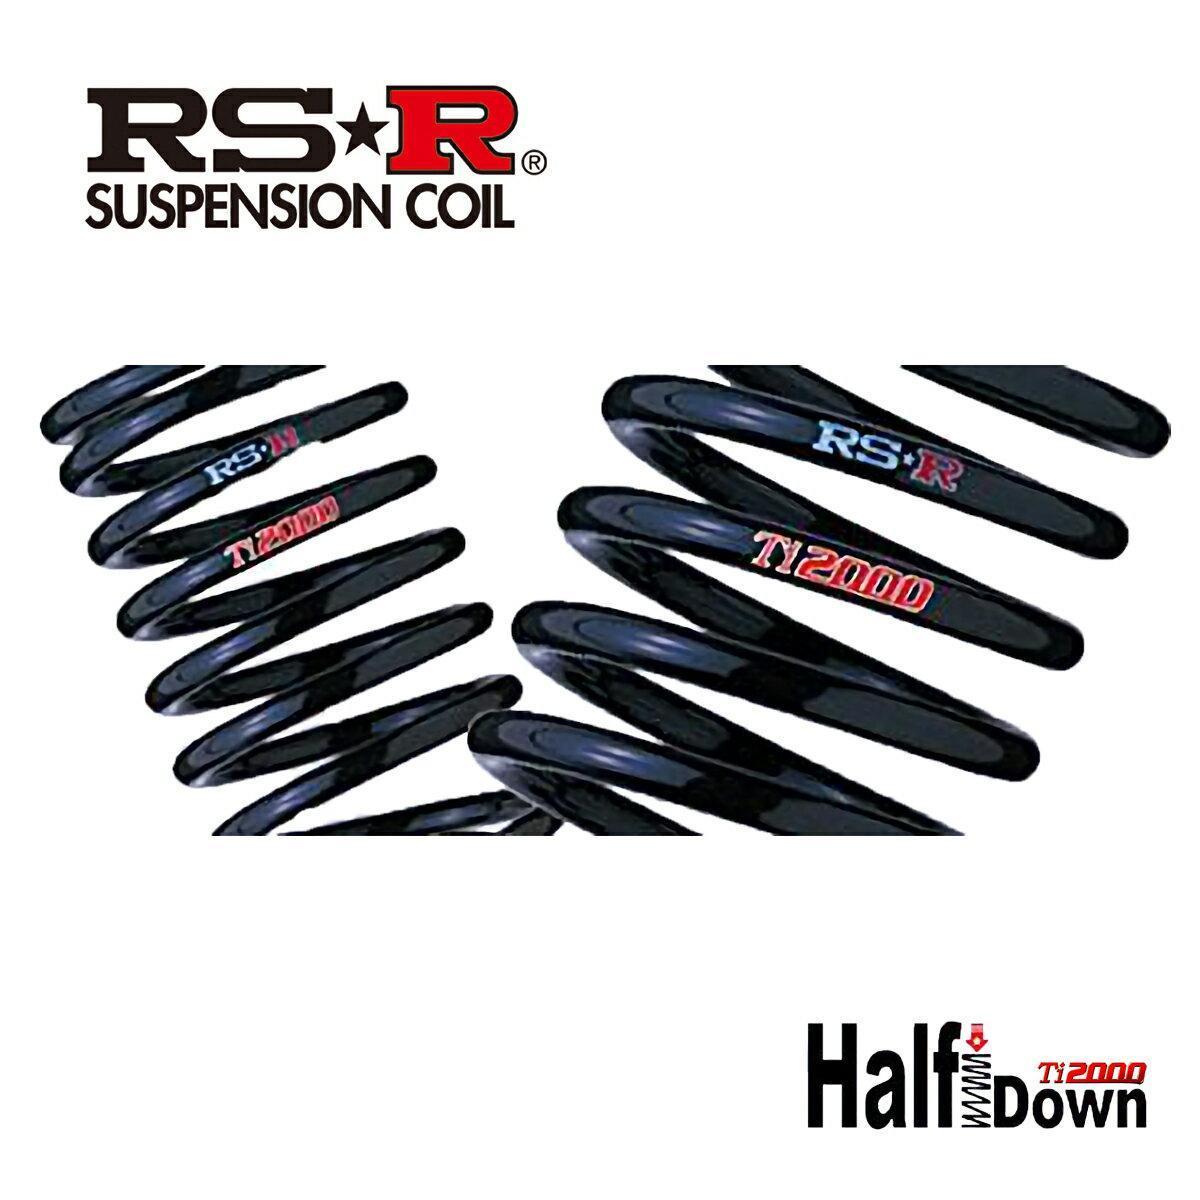 RS-R ワゴンR ハイブリッドFX MH55S ダウンサス スプリング リア S177THDR Ti2000 ハーフダウン RSR